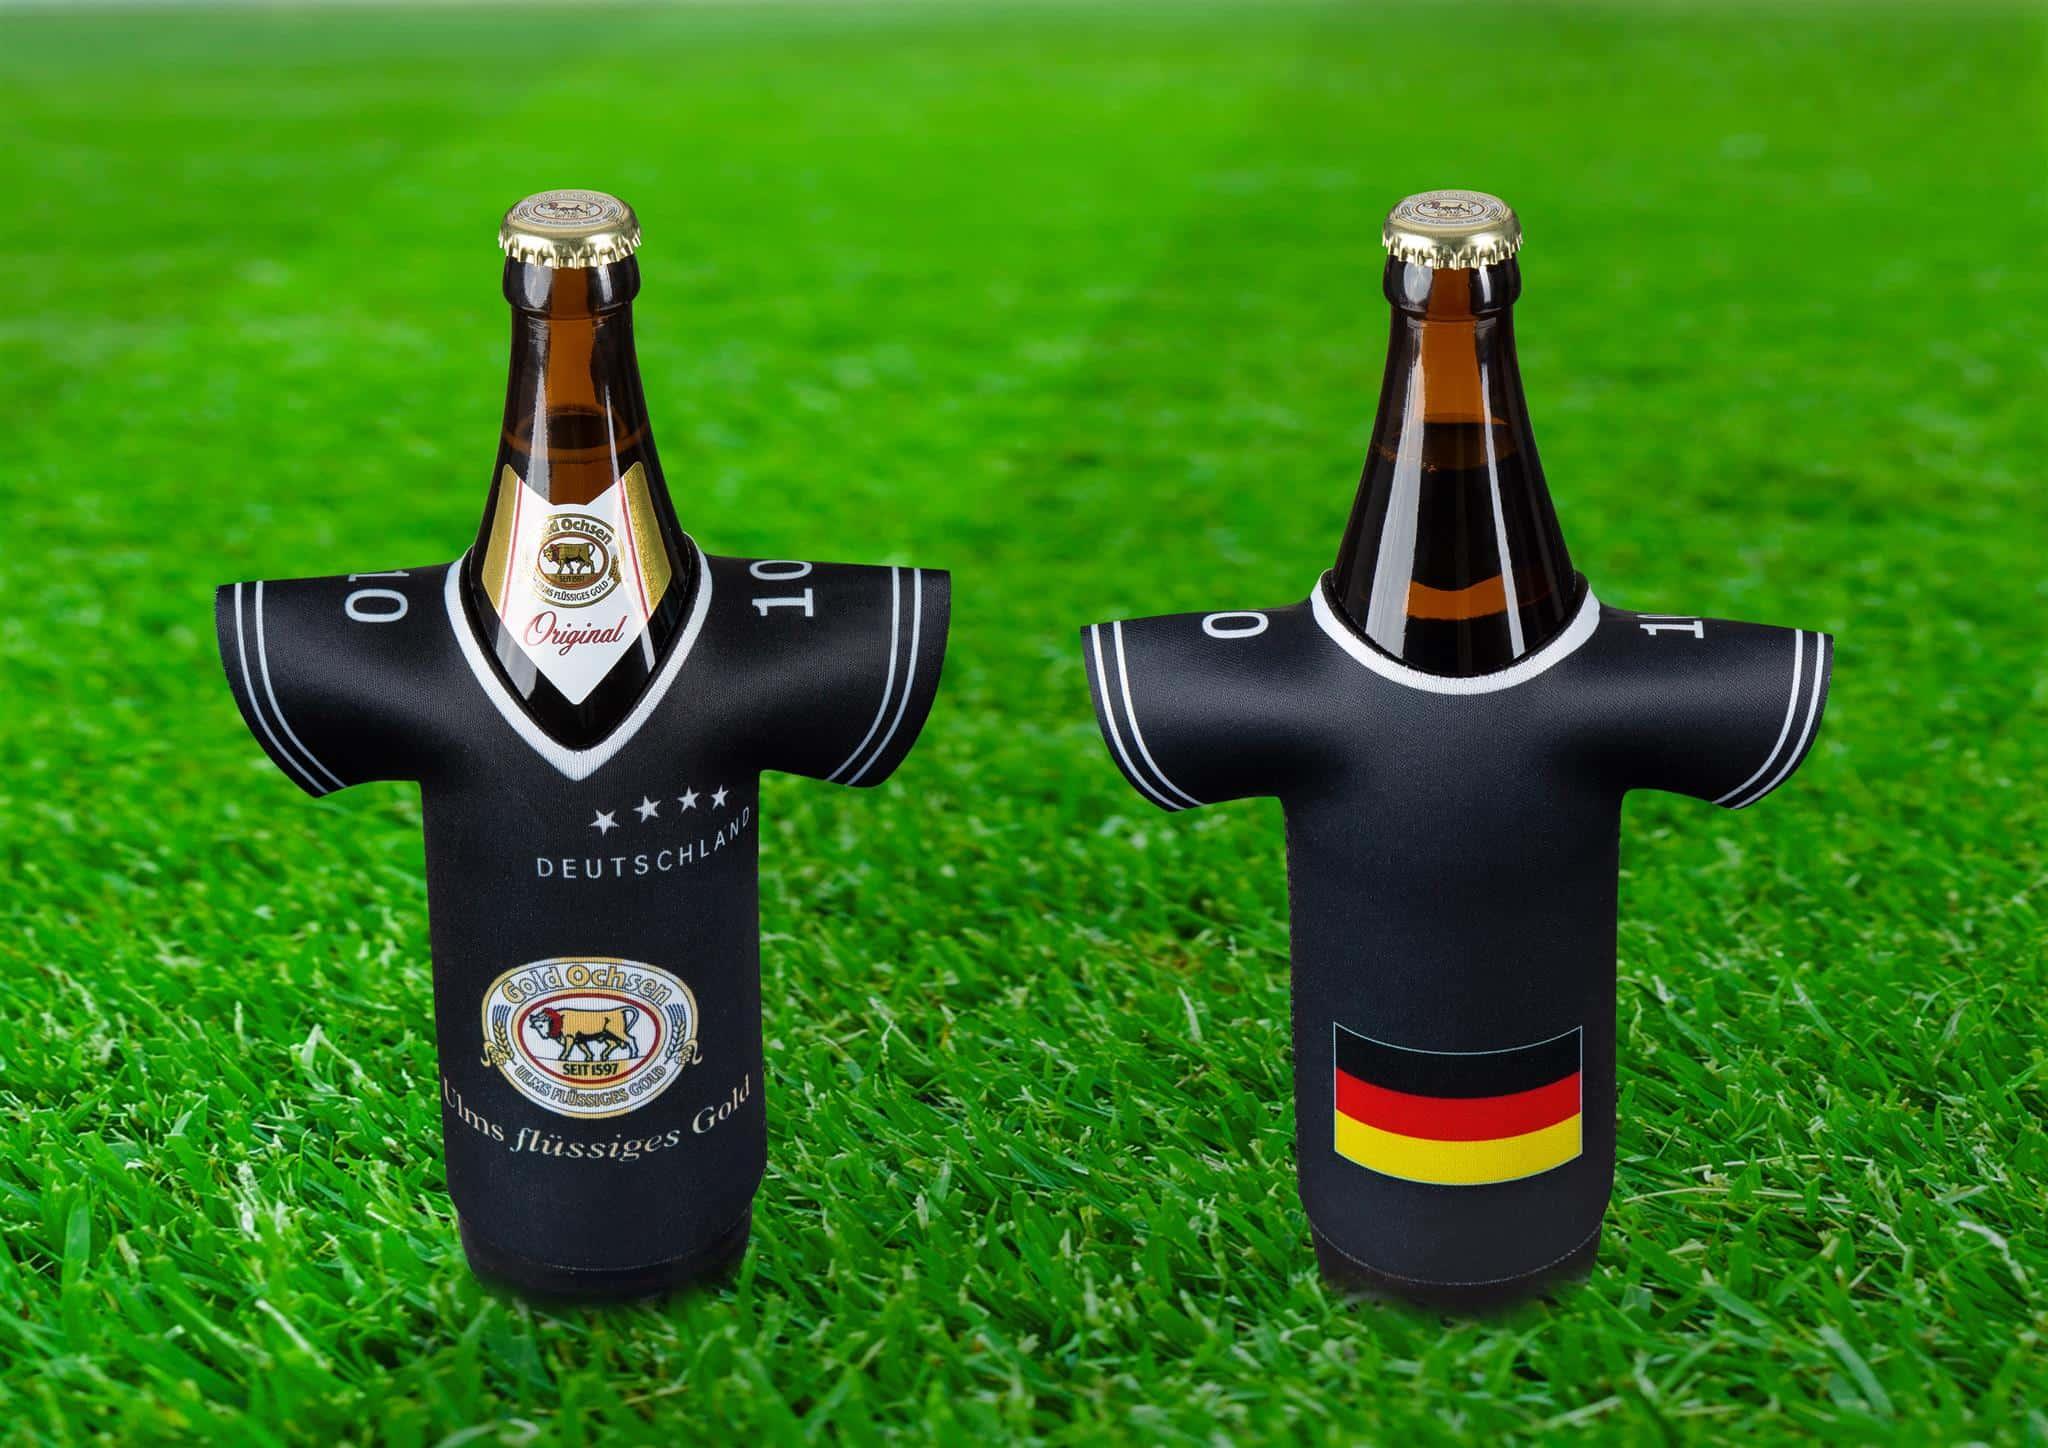 Mit kühlem Bier in den WM-Sommer - Gratis-Zugabe bei Gold Ochsen